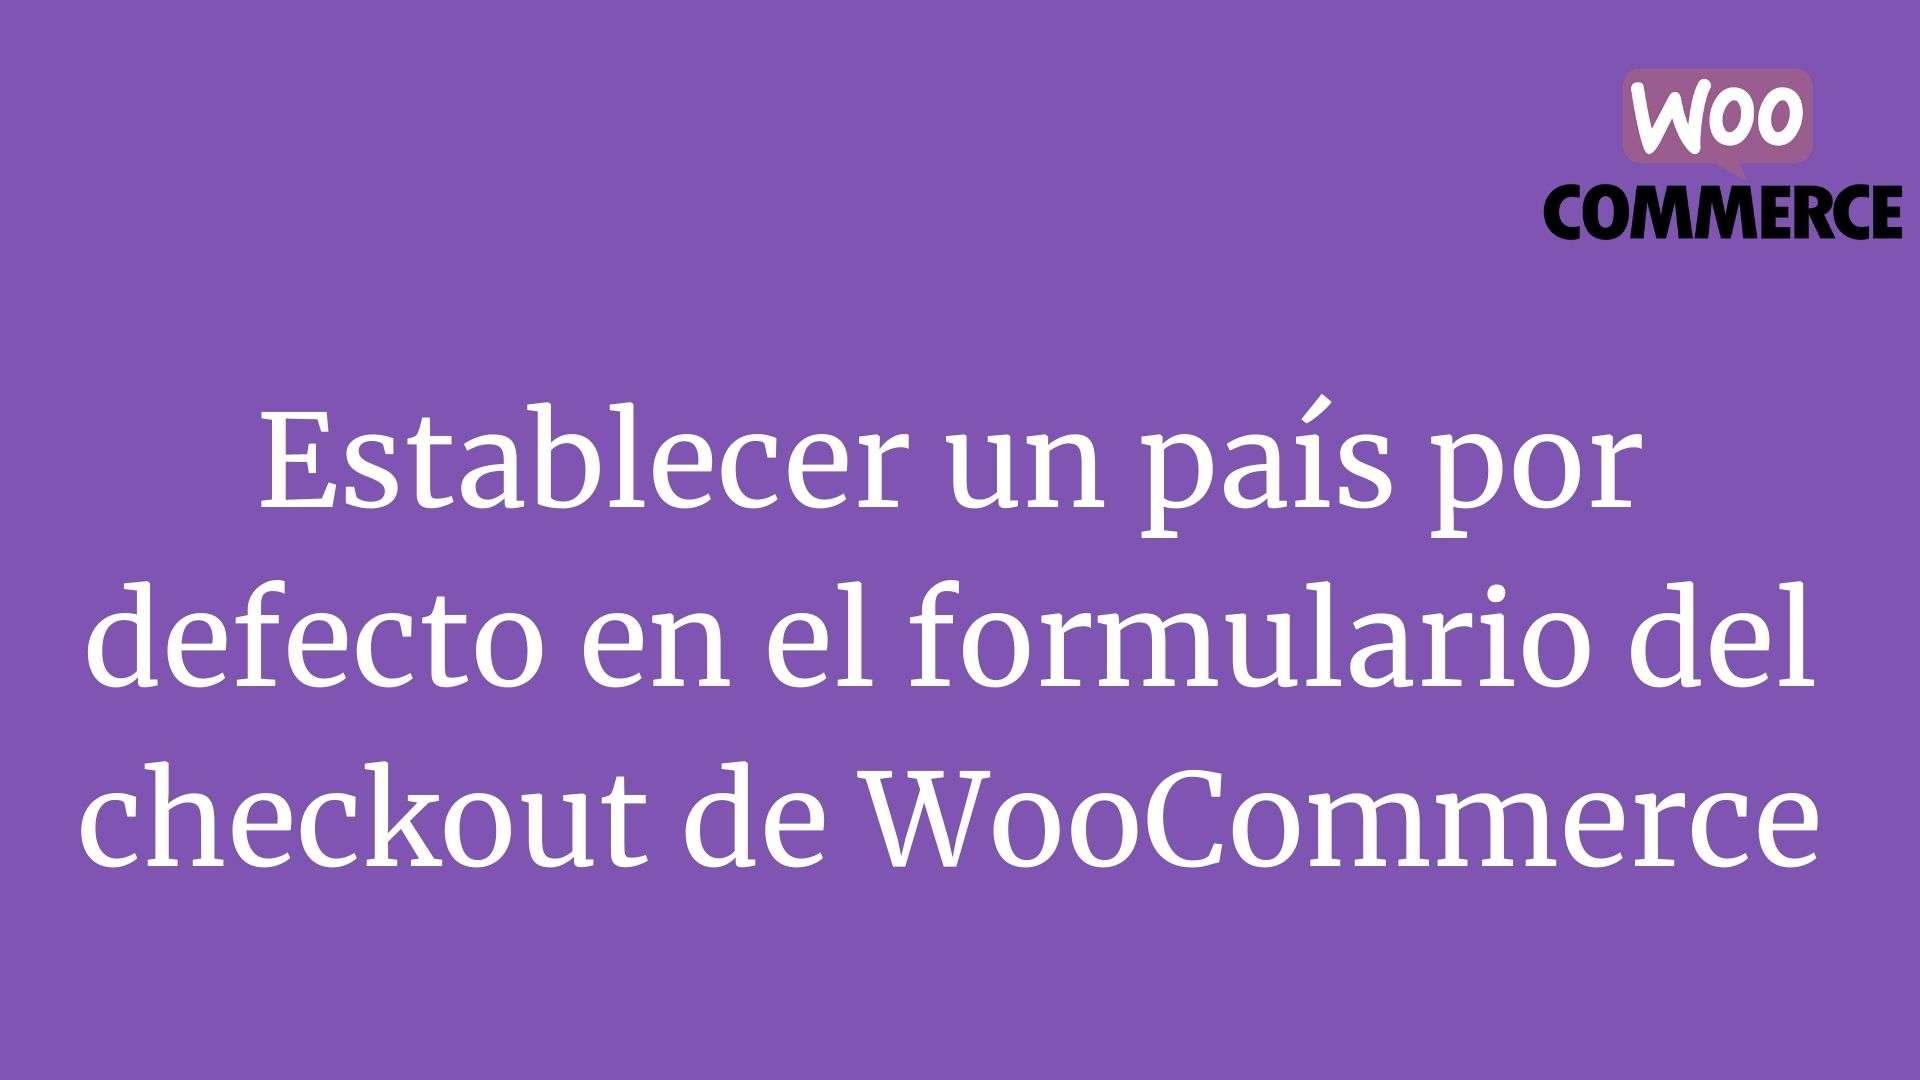 Establecer un pais por defecto en el formulario del checkout de WooCommerce